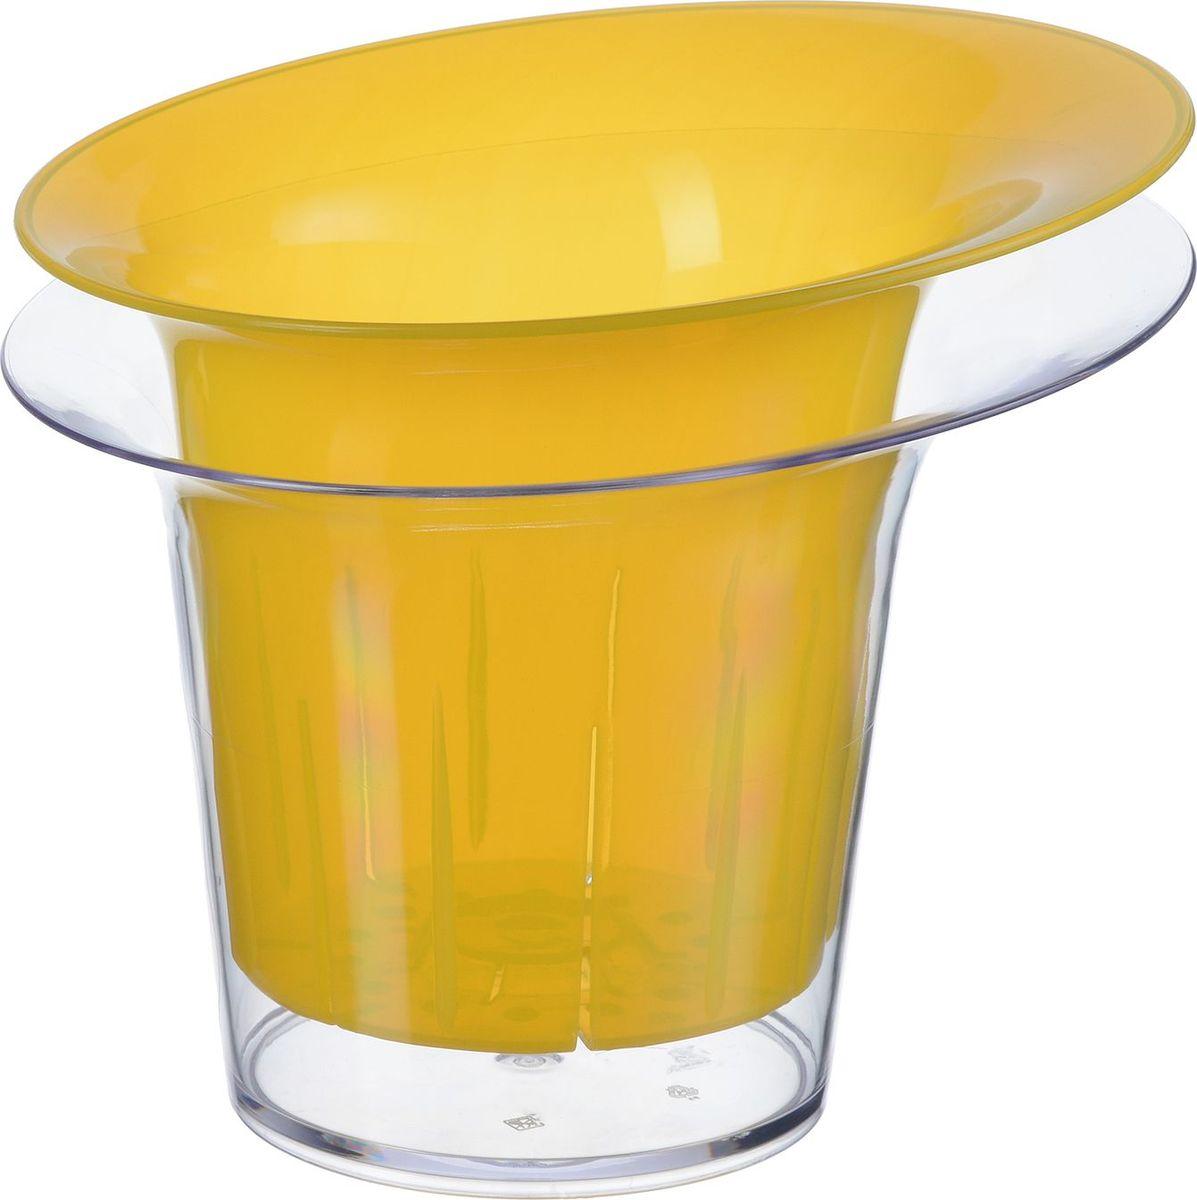 Кашпо для орхидеи Idea Адель, цвет: желтый прозрачный, 1 л. М 3104 кашпо gift n home сирень